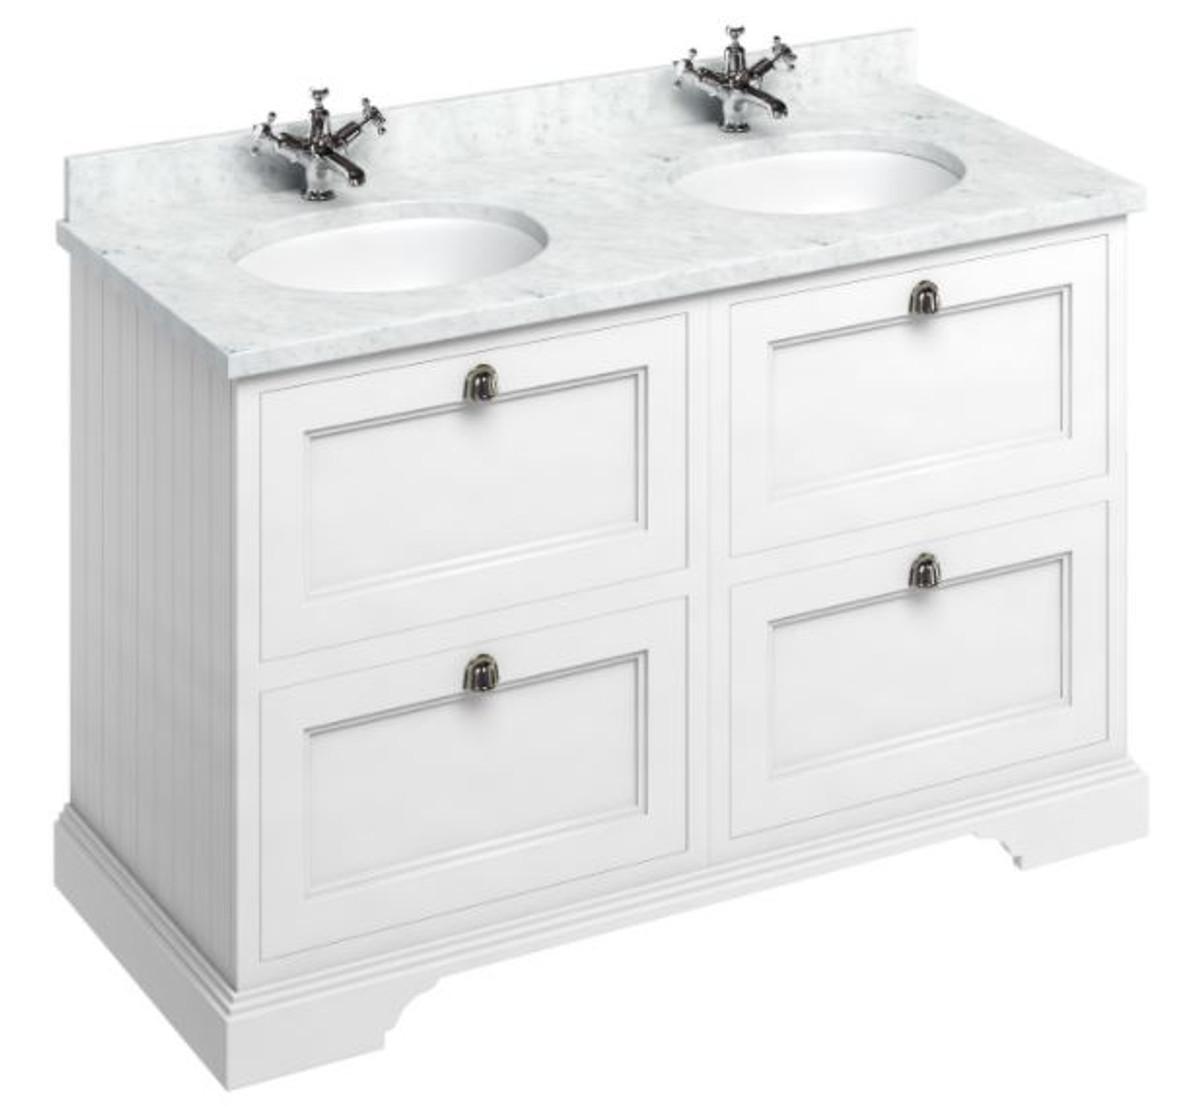 casa padrino doppel waschschrank waschtisch mit marmorplatte und 4 schubladen luxus. Black Bedroom Furniture Sets. Home Design Ideas